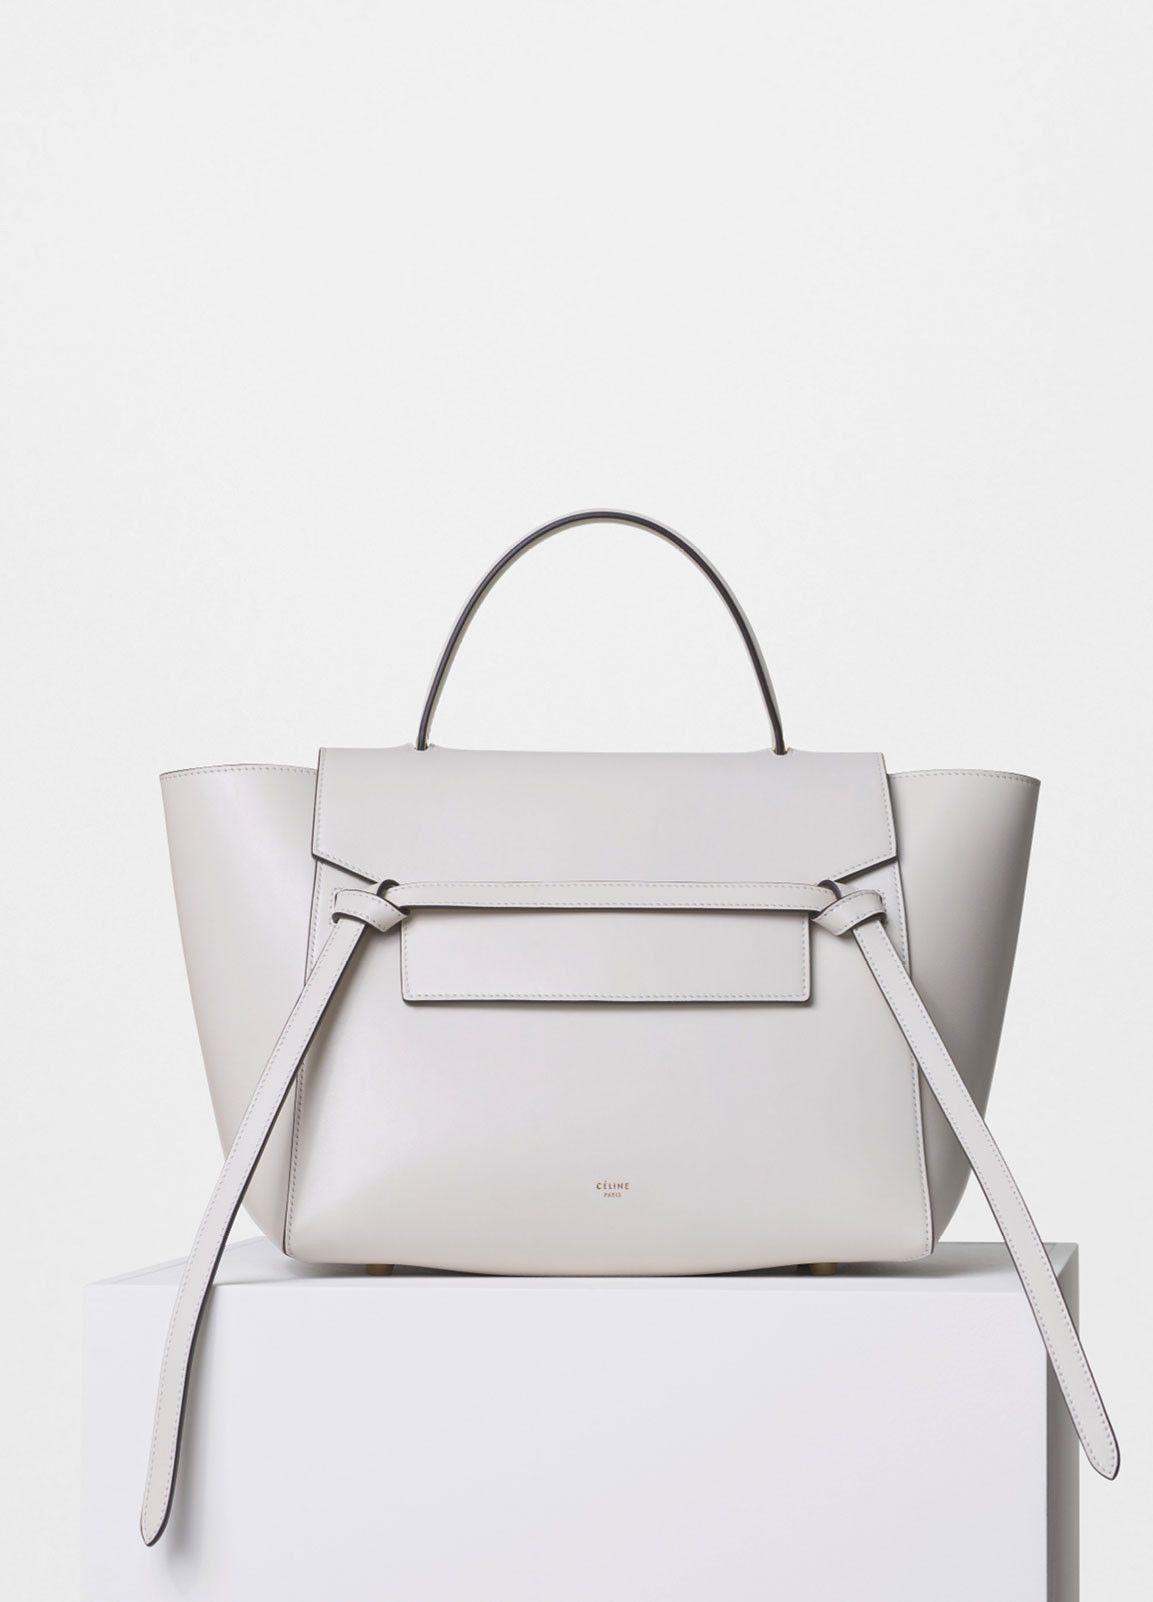 5c8081caa43 Mini Belt Bag in Supersoft Calfskin - Céline   ACCESSORIES ...